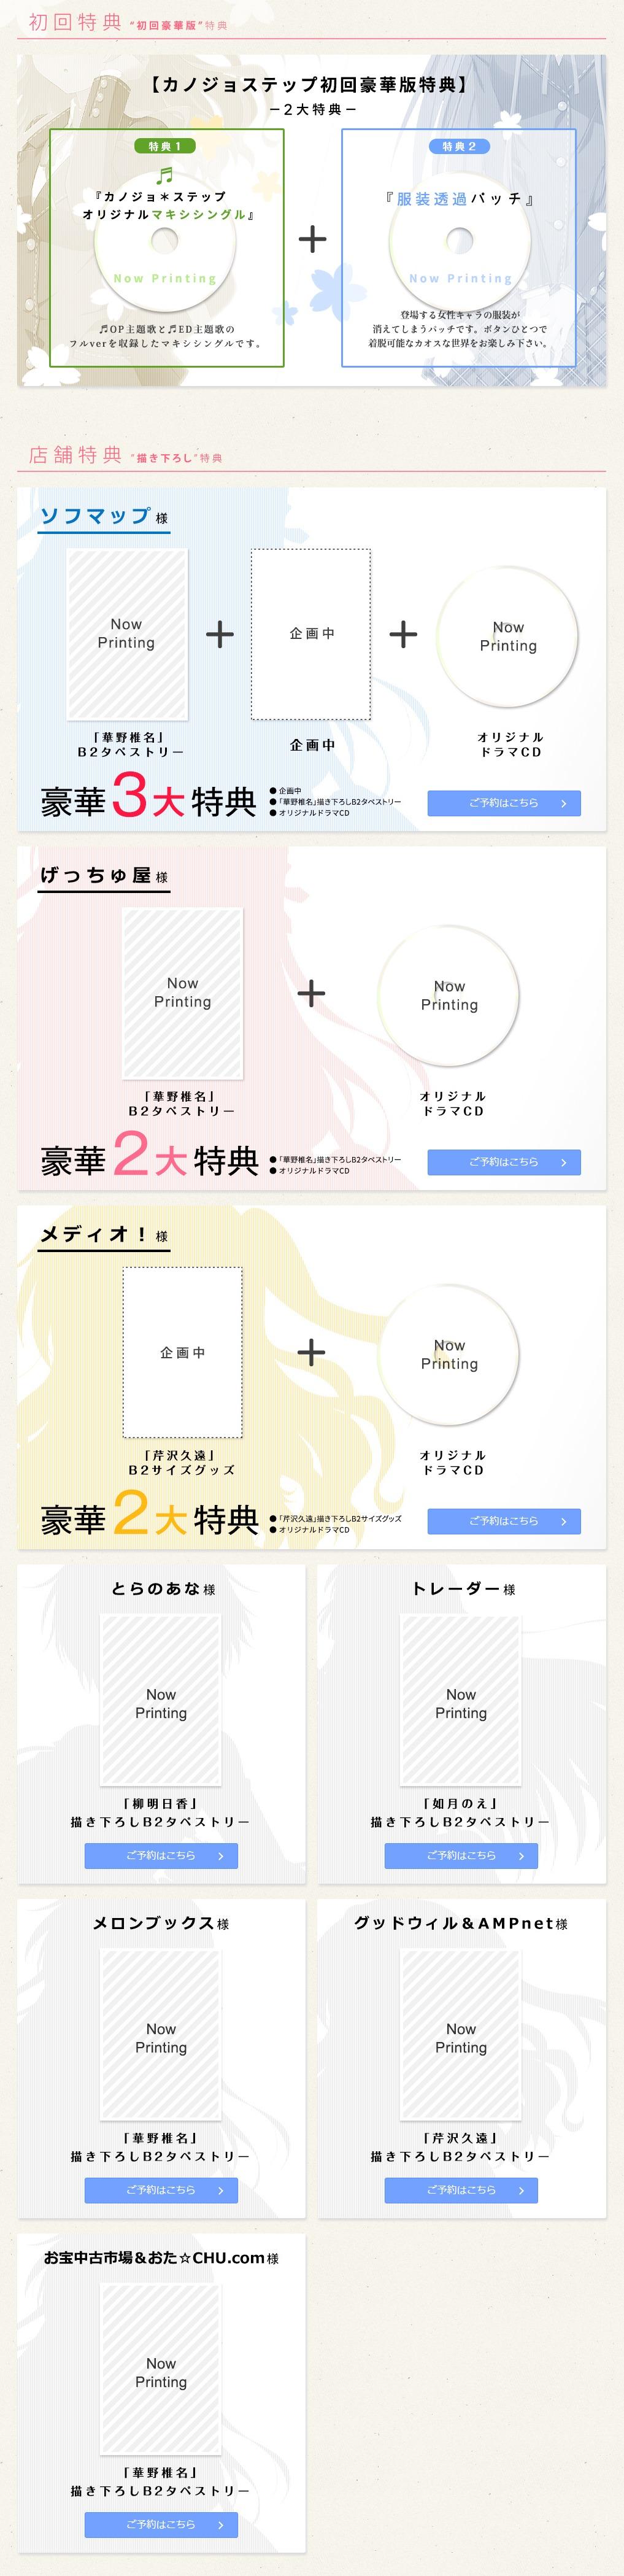 スペシャル【特典情報】 カノジョ*ステップ